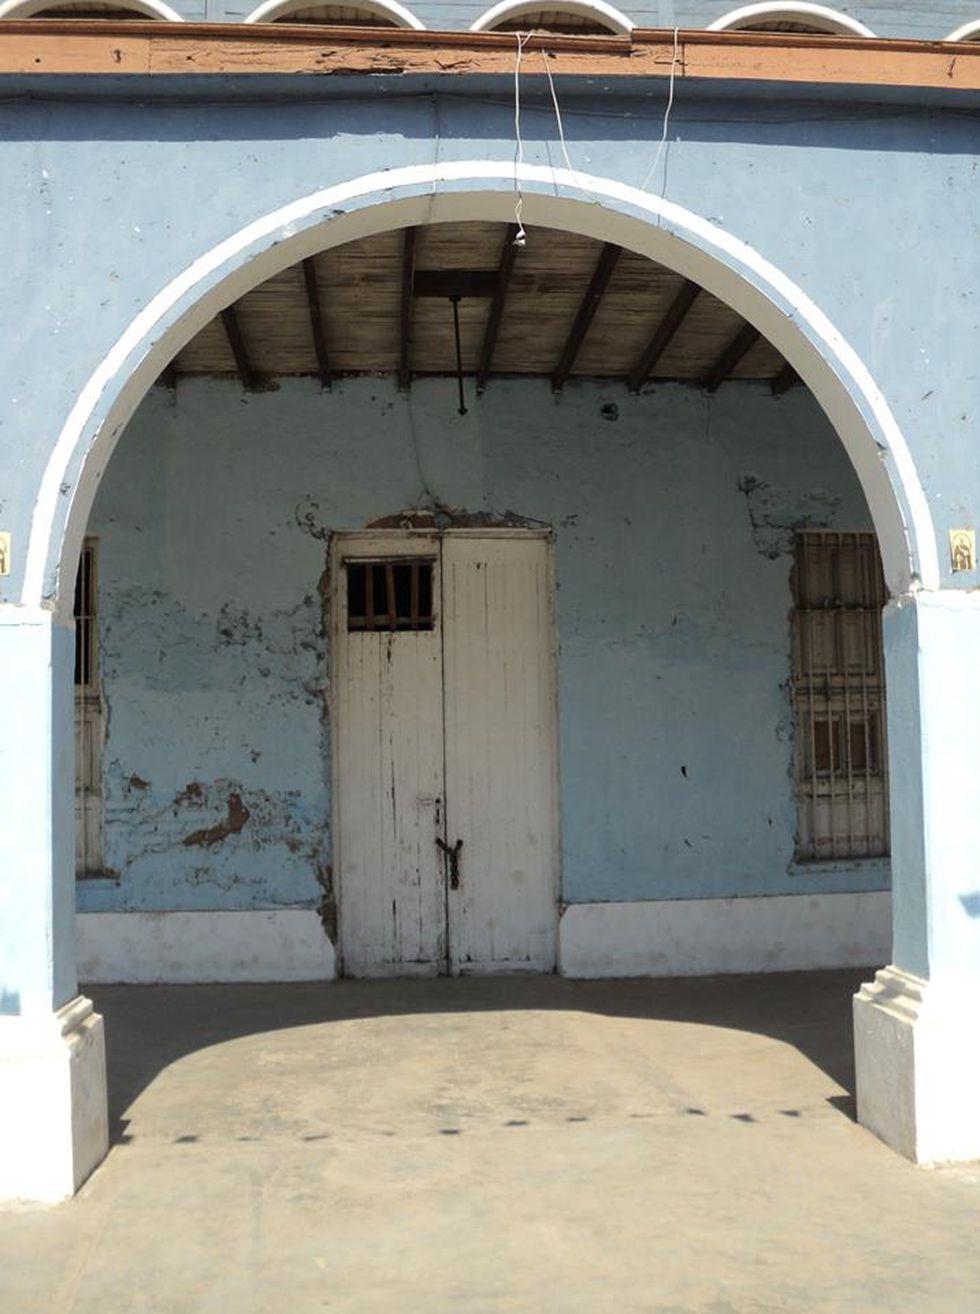 Aquí encontrarás historia, misterio y un viaje al pasado. (Foto: Facebook Rolando Arciga Soto)